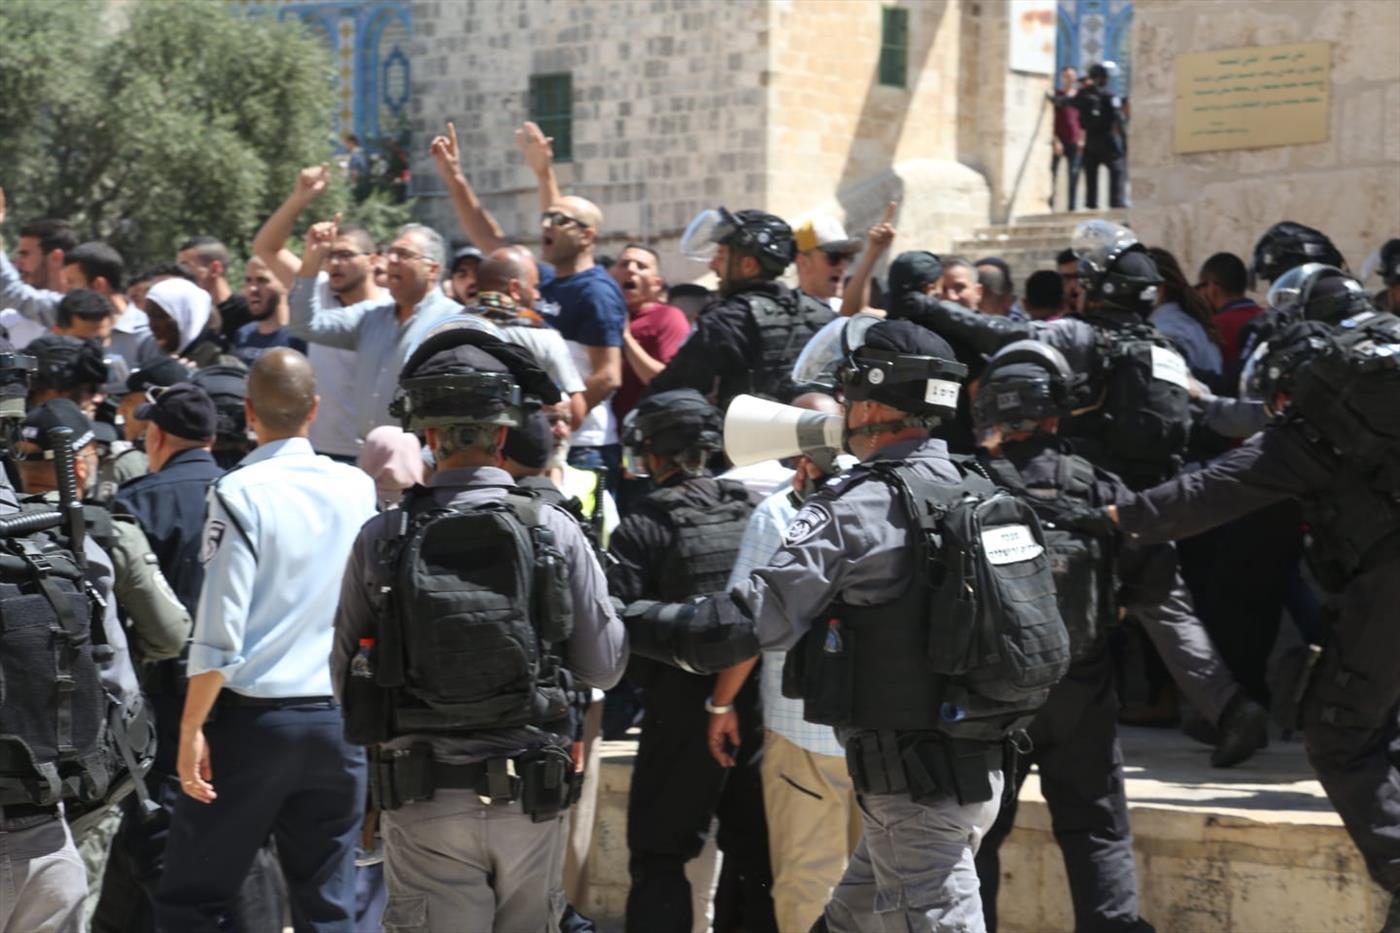 ערבים צועקים לעבר יהודים בהר הבית (דוברות המשטרה)